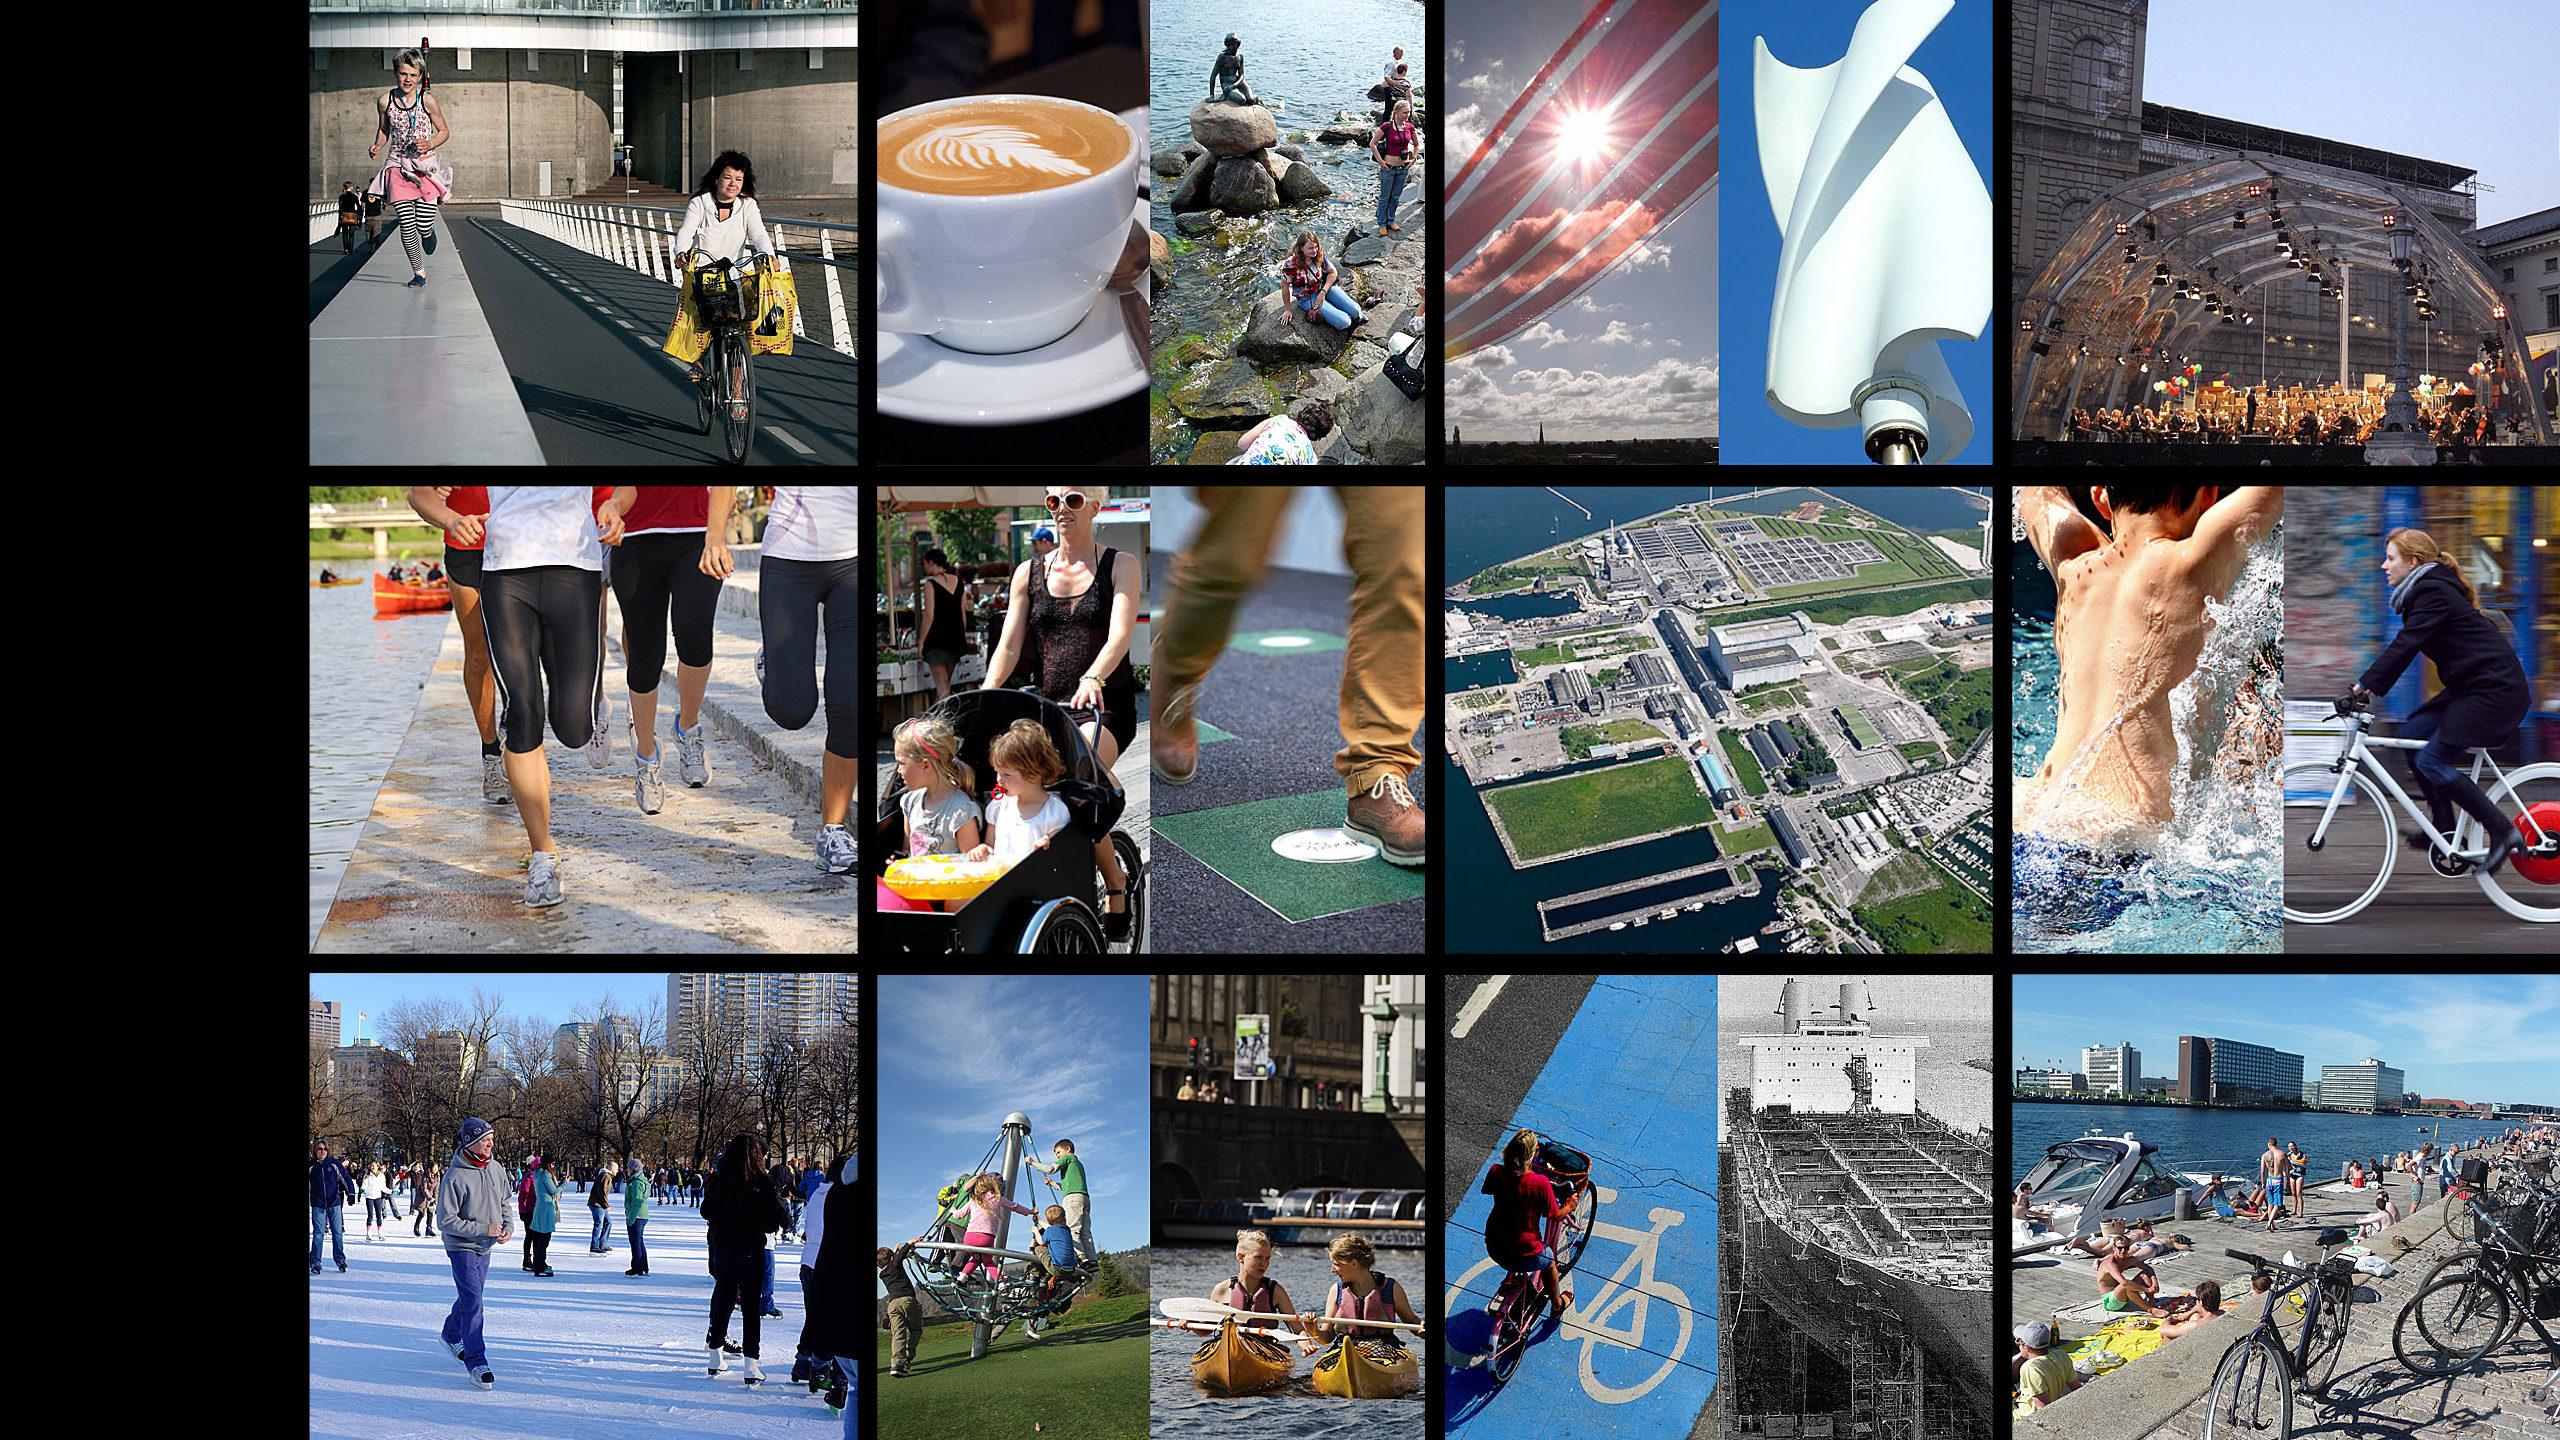 Refshaleoen Redevelopment: Motion Actuation Urban Design / image 1